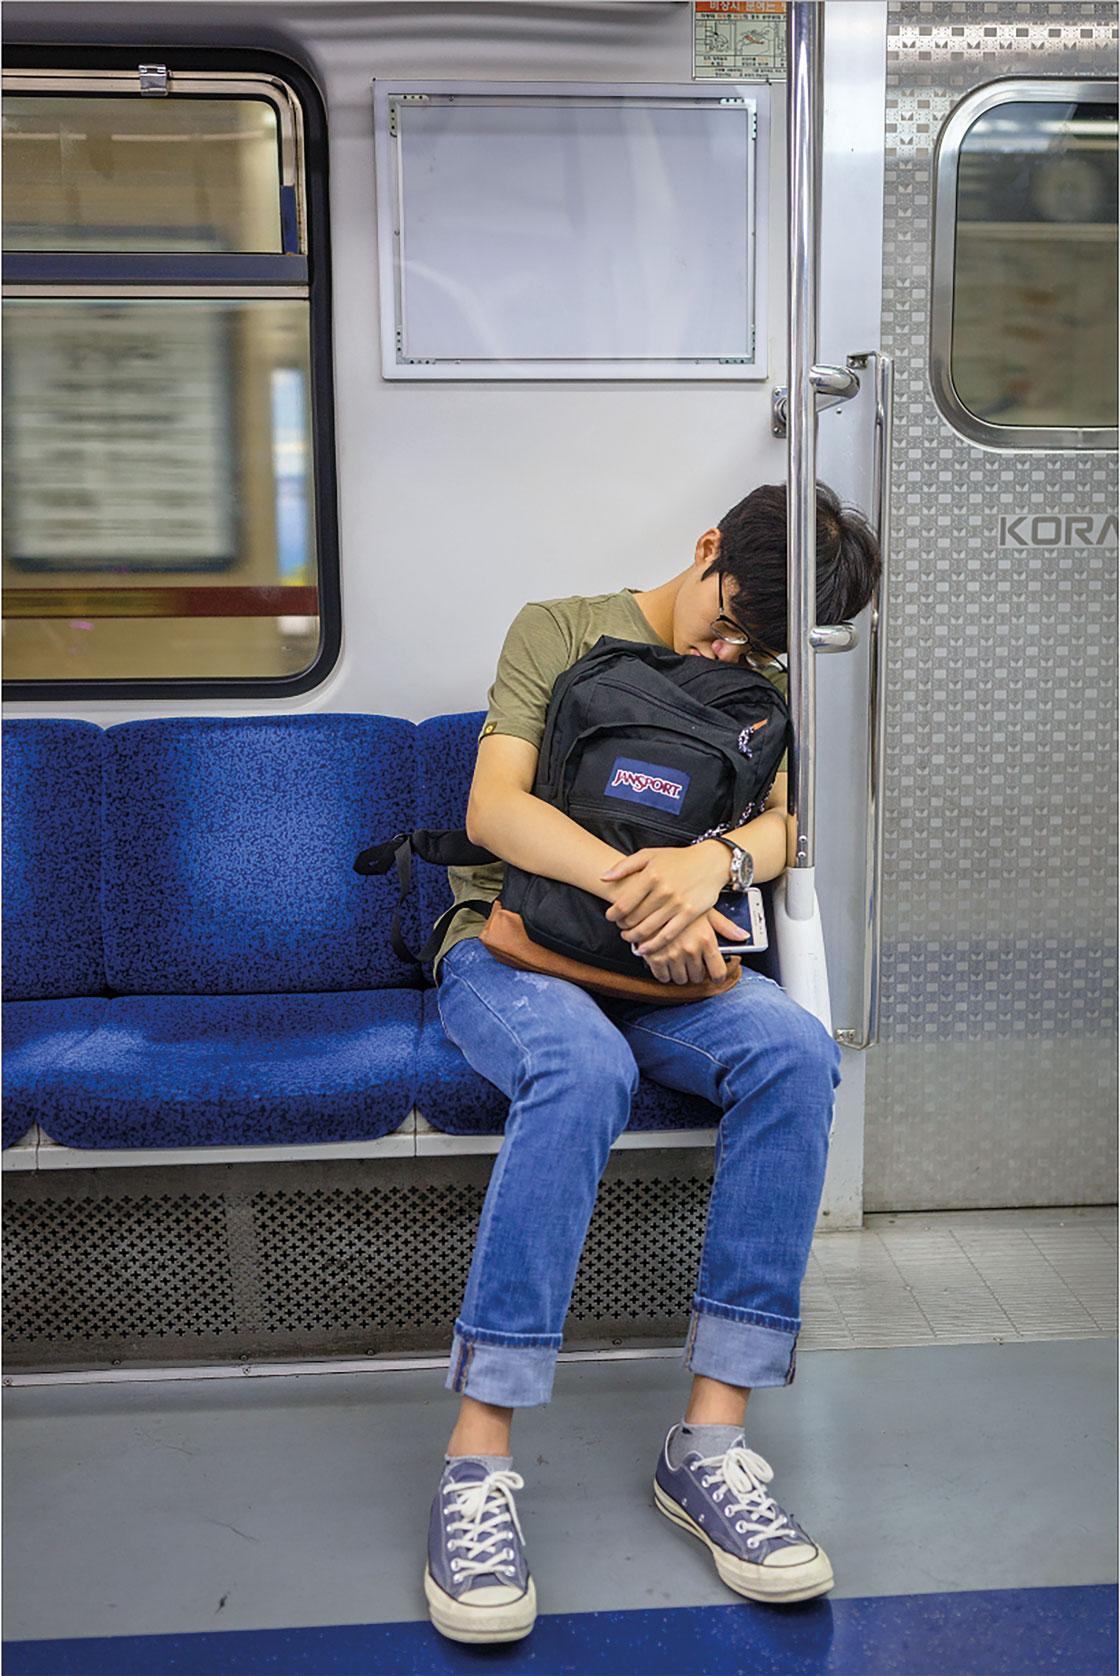 Sovande elever, i bland annat Seouls tunnelbana, är en vanlig syn.